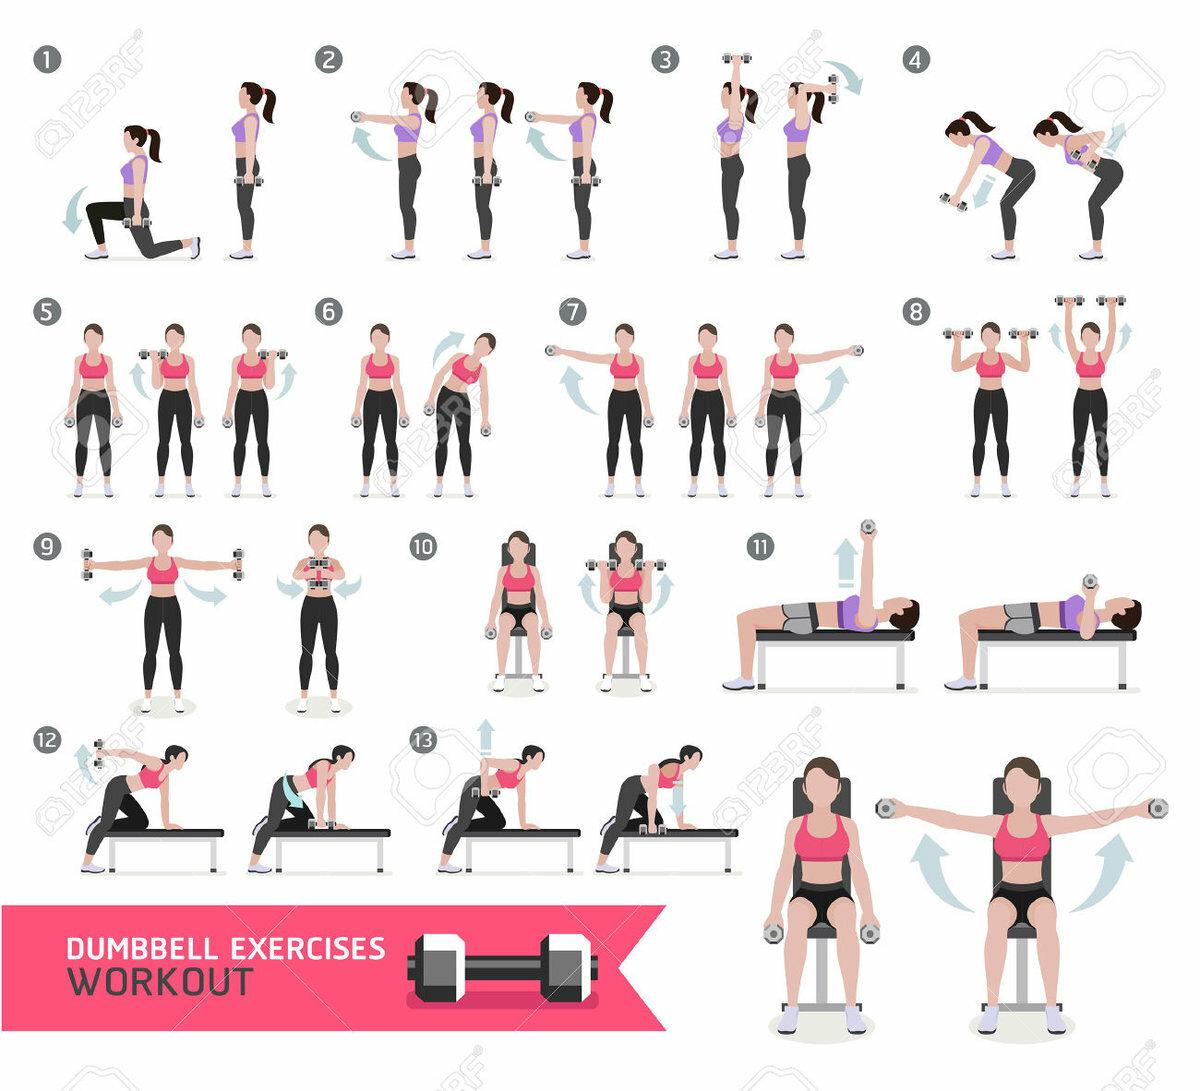 Упражнения с гантелями для женщин по картинками